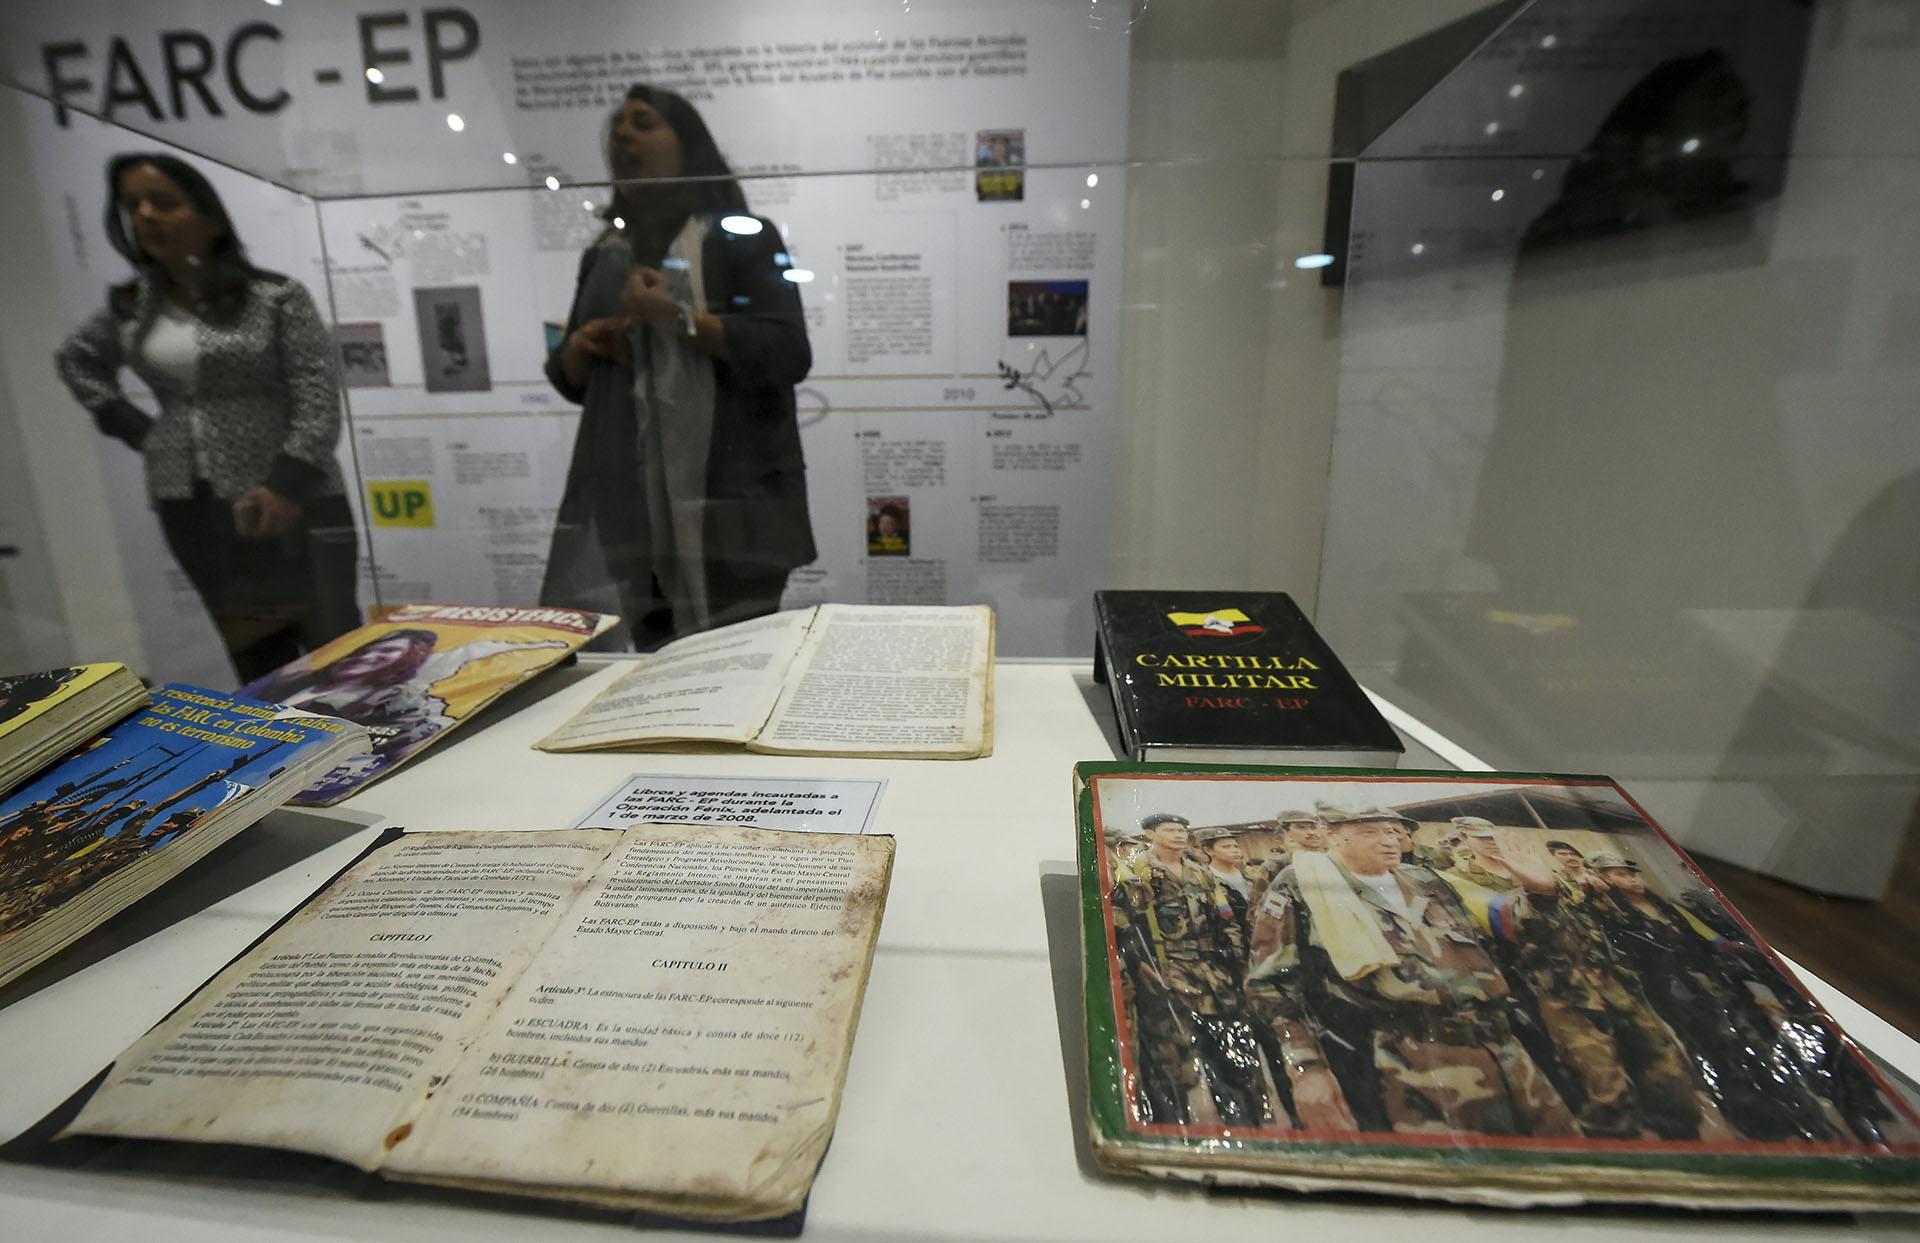 Libros pertenecientes a los miembros de las FARC secuestrado durante la operación Fénix en 2008 (AFP)